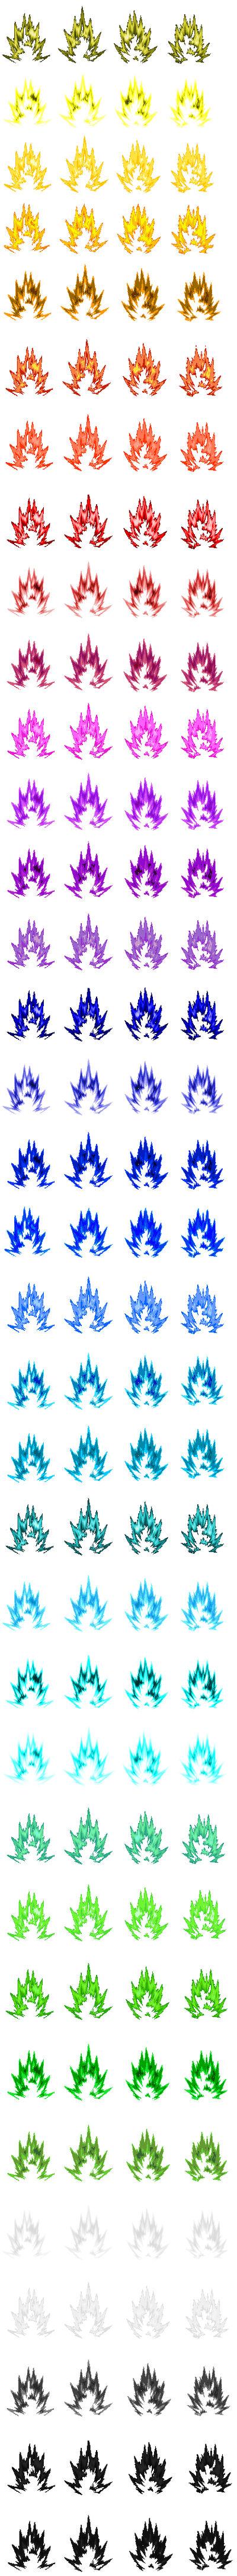 Dbz Aura Sprite Sheet By Mrsupersonic1671 On Deviantart